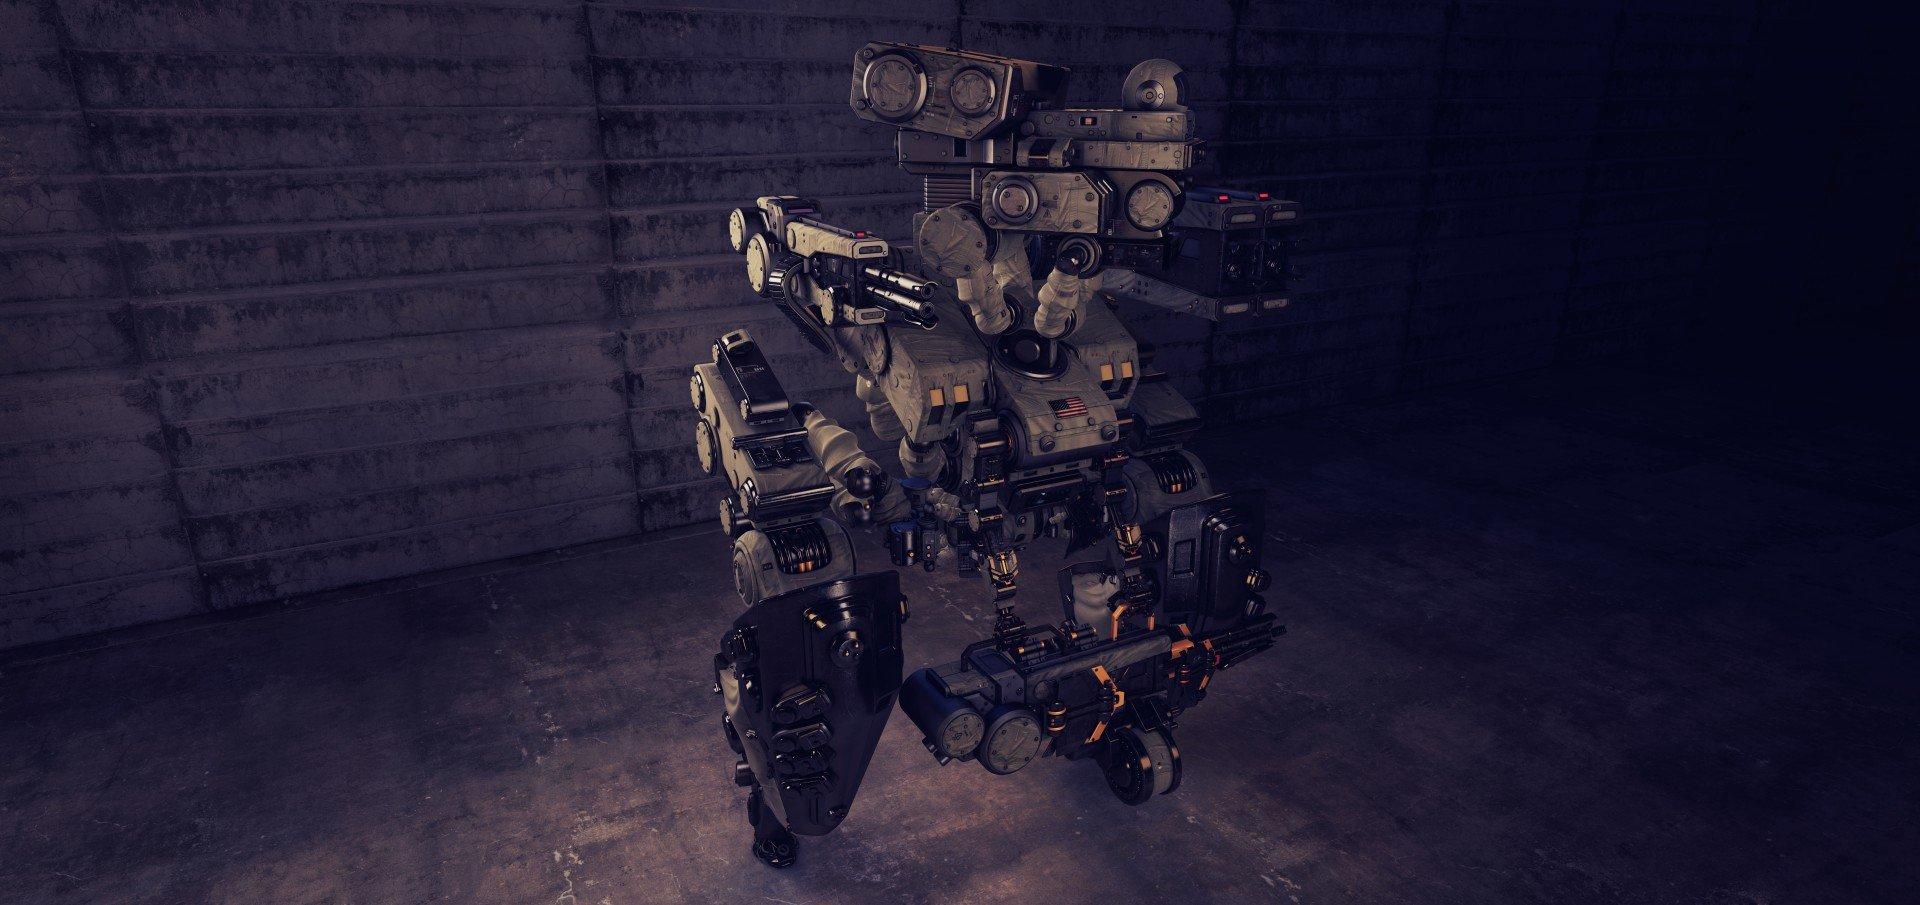 Vladislav ociacia armored dron iii 3